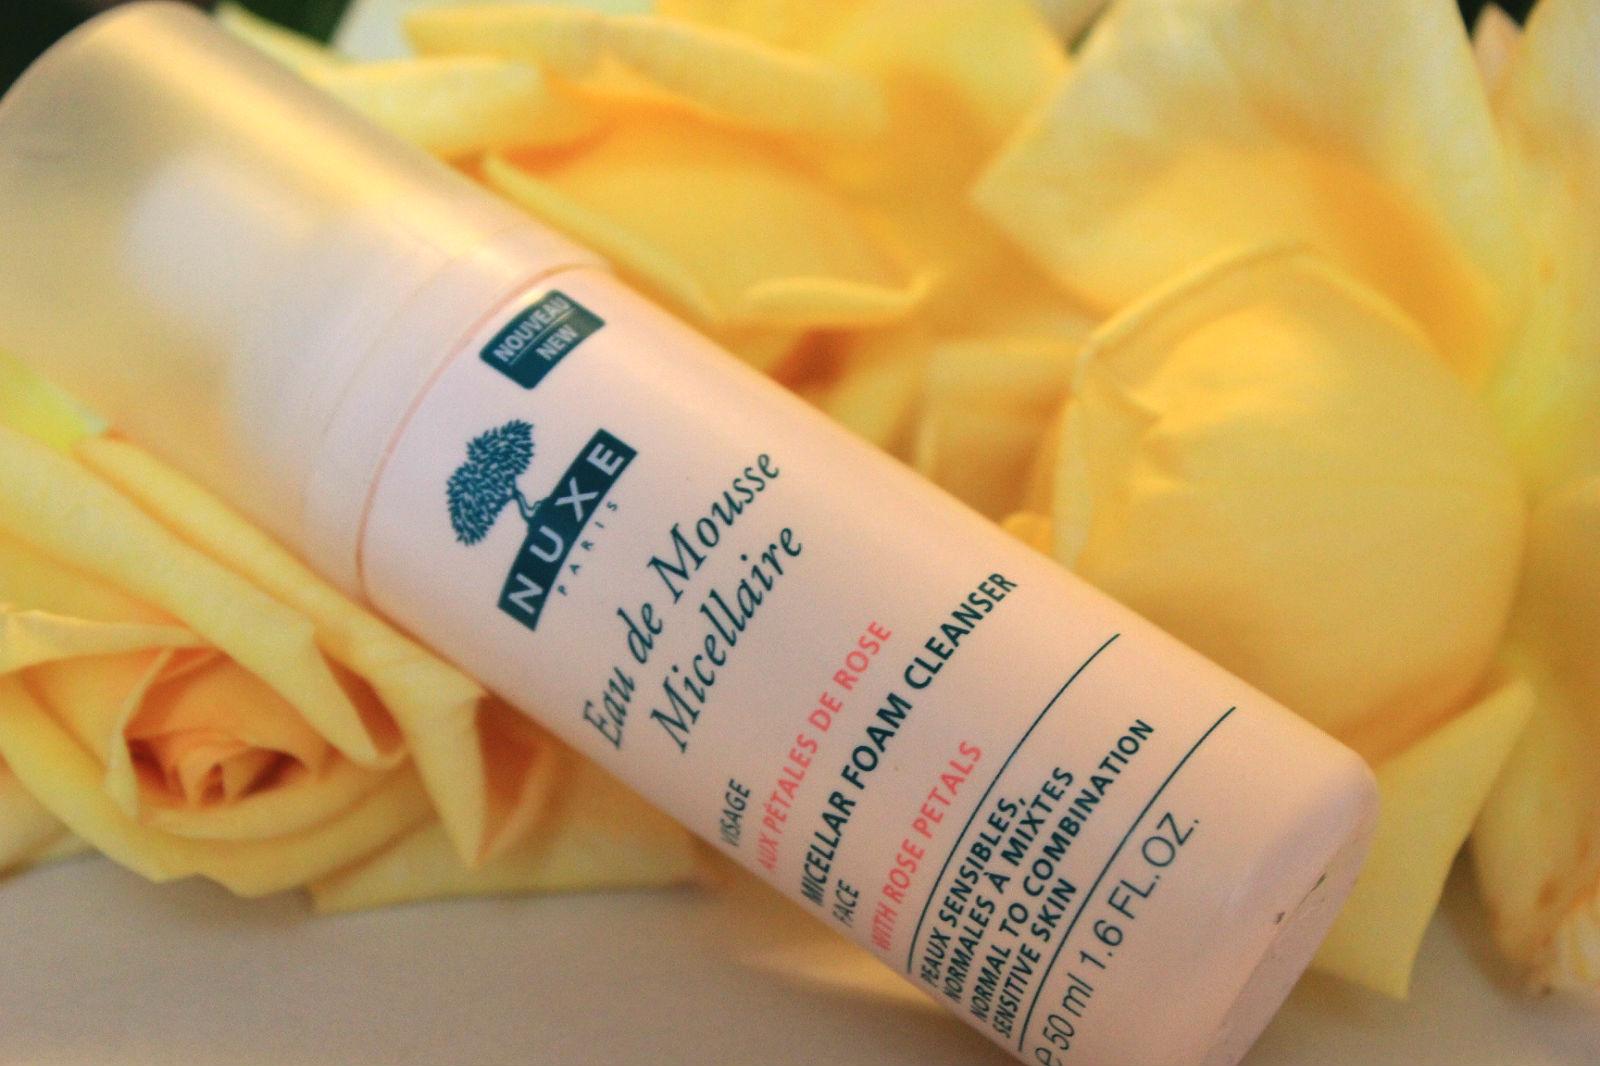 Отзыв: Мицеллярная очищающая пена с лепестками роз - Nuxe Eau de Mousse Micellaire aux petales de rose.